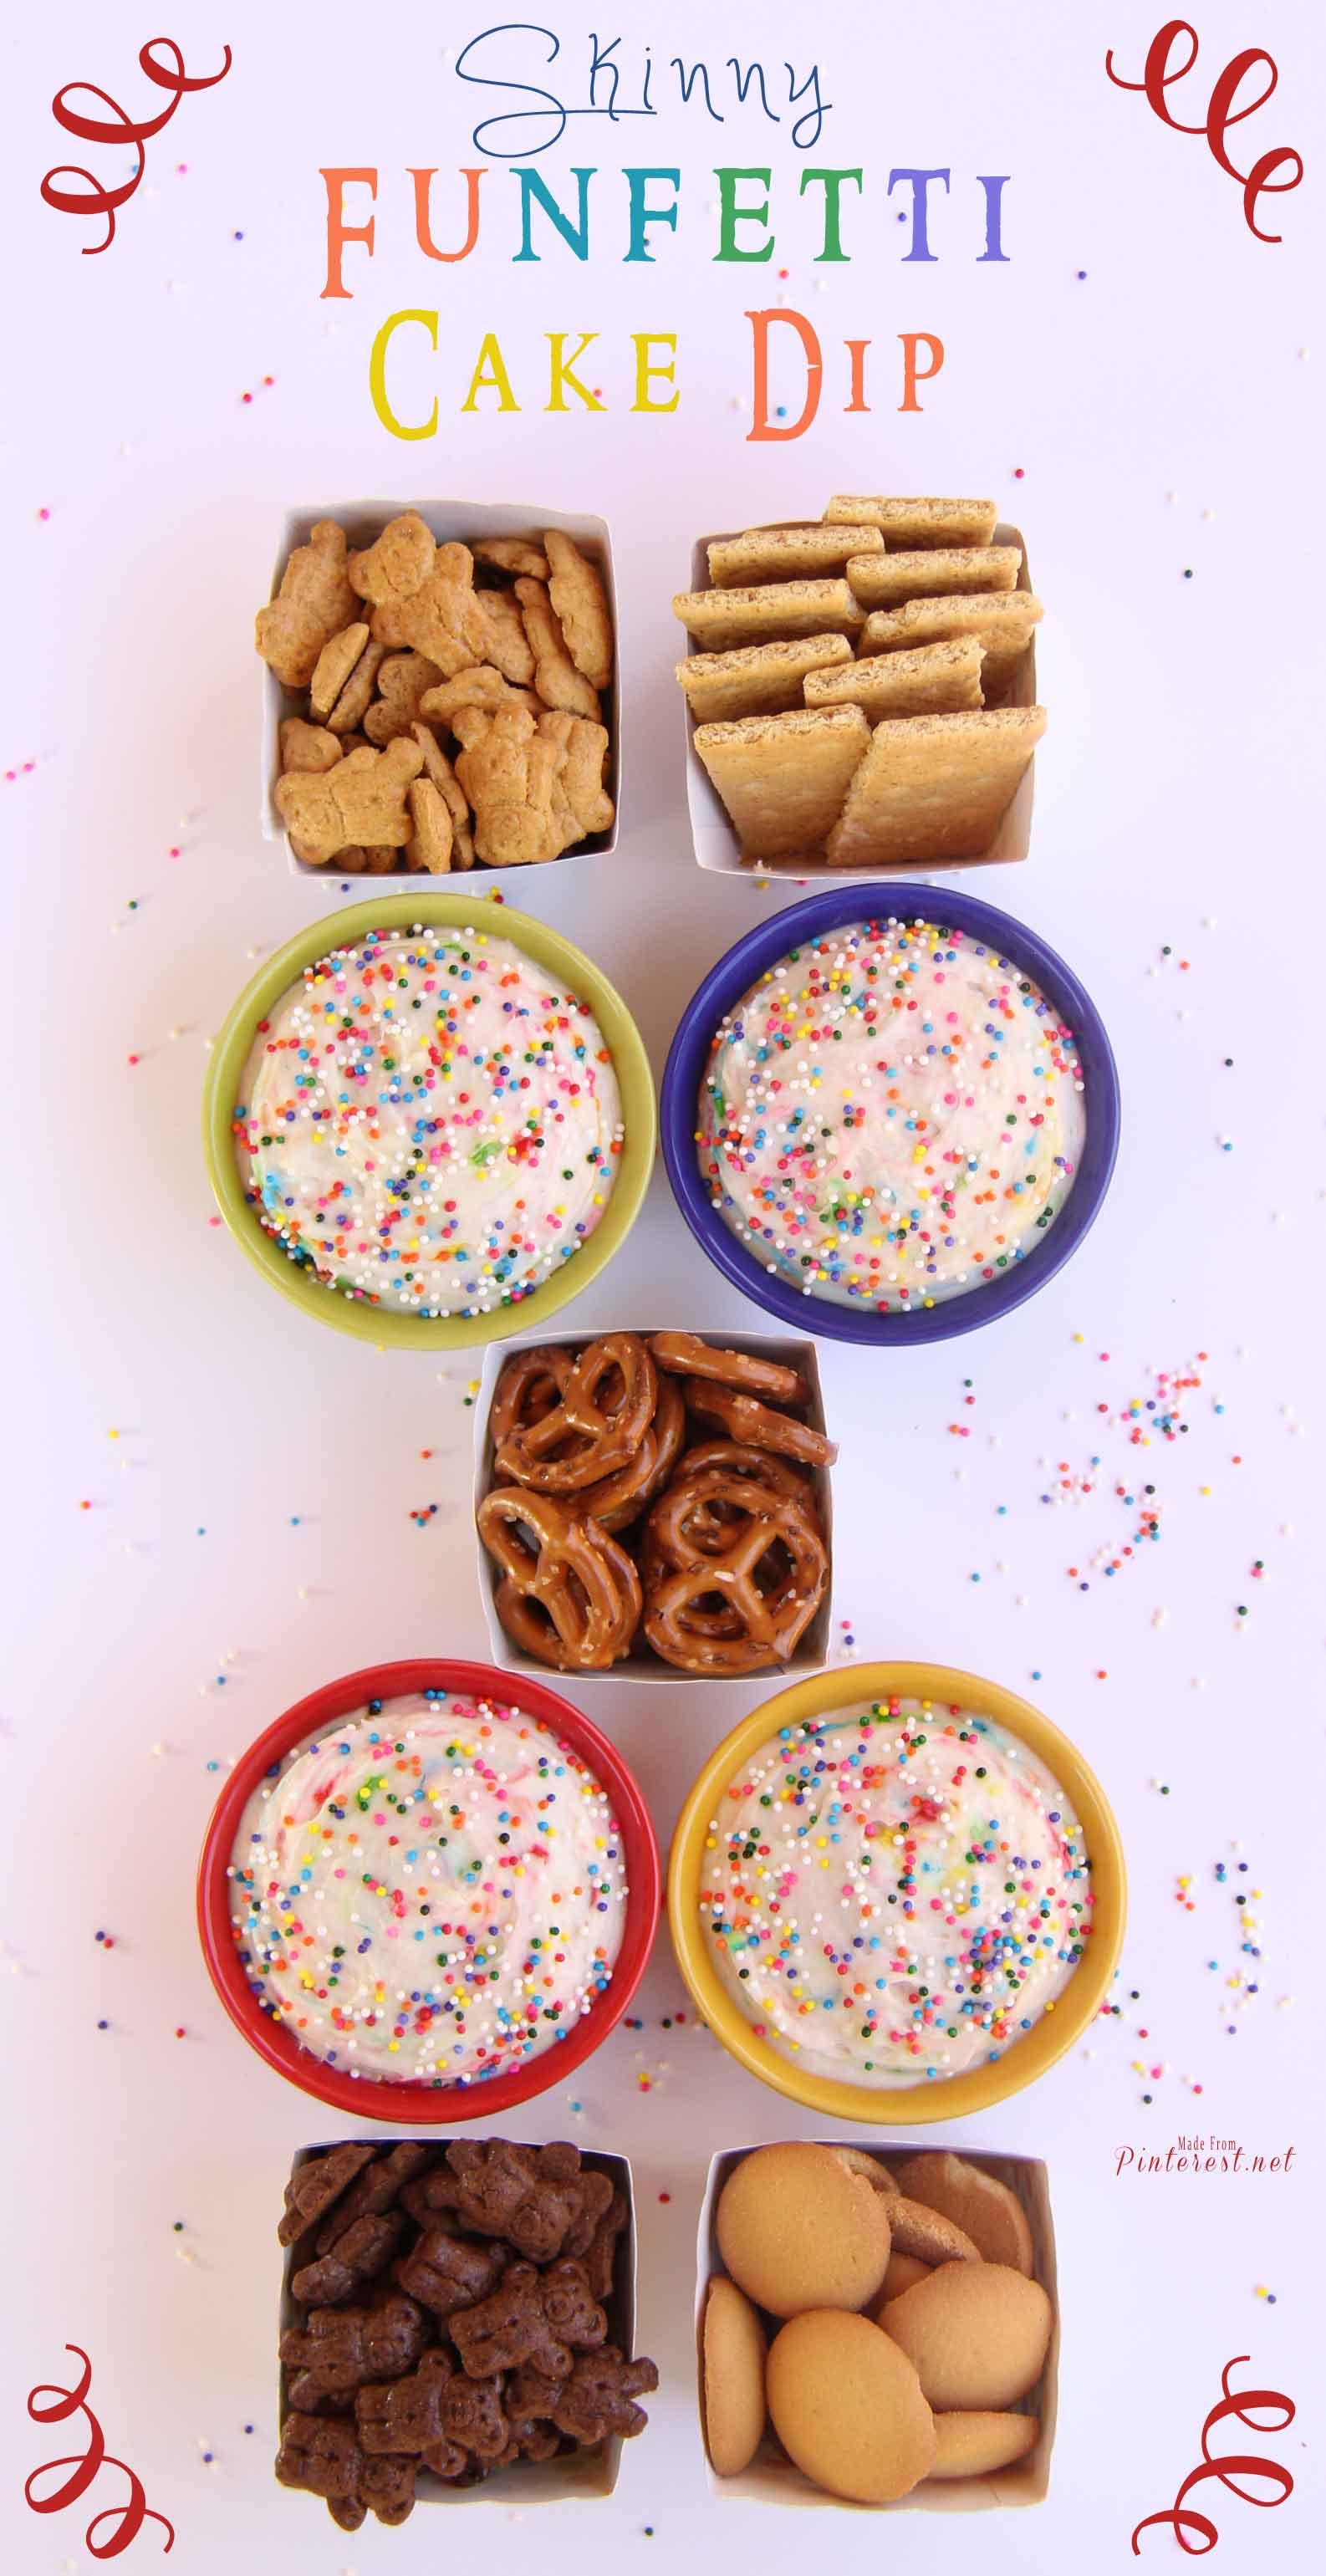 Skinny Funfetti Cake Dip